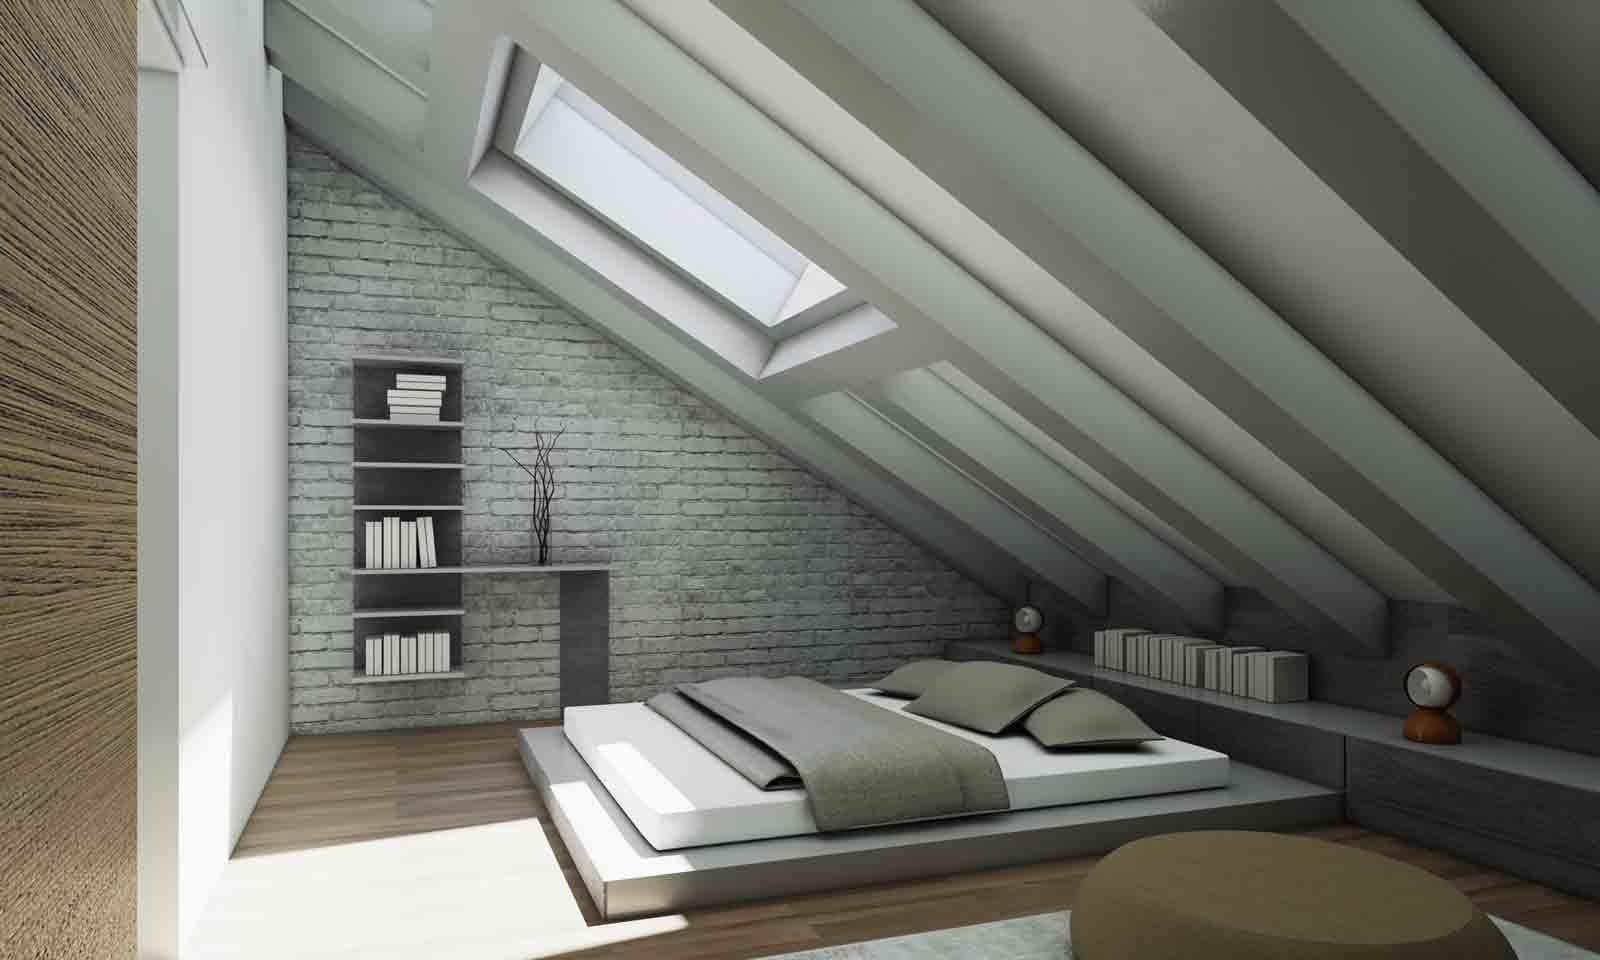 Nel sottotetto zona giorno e zona notte raddoppiano cose di casa - Camera da letto sottotetto ...